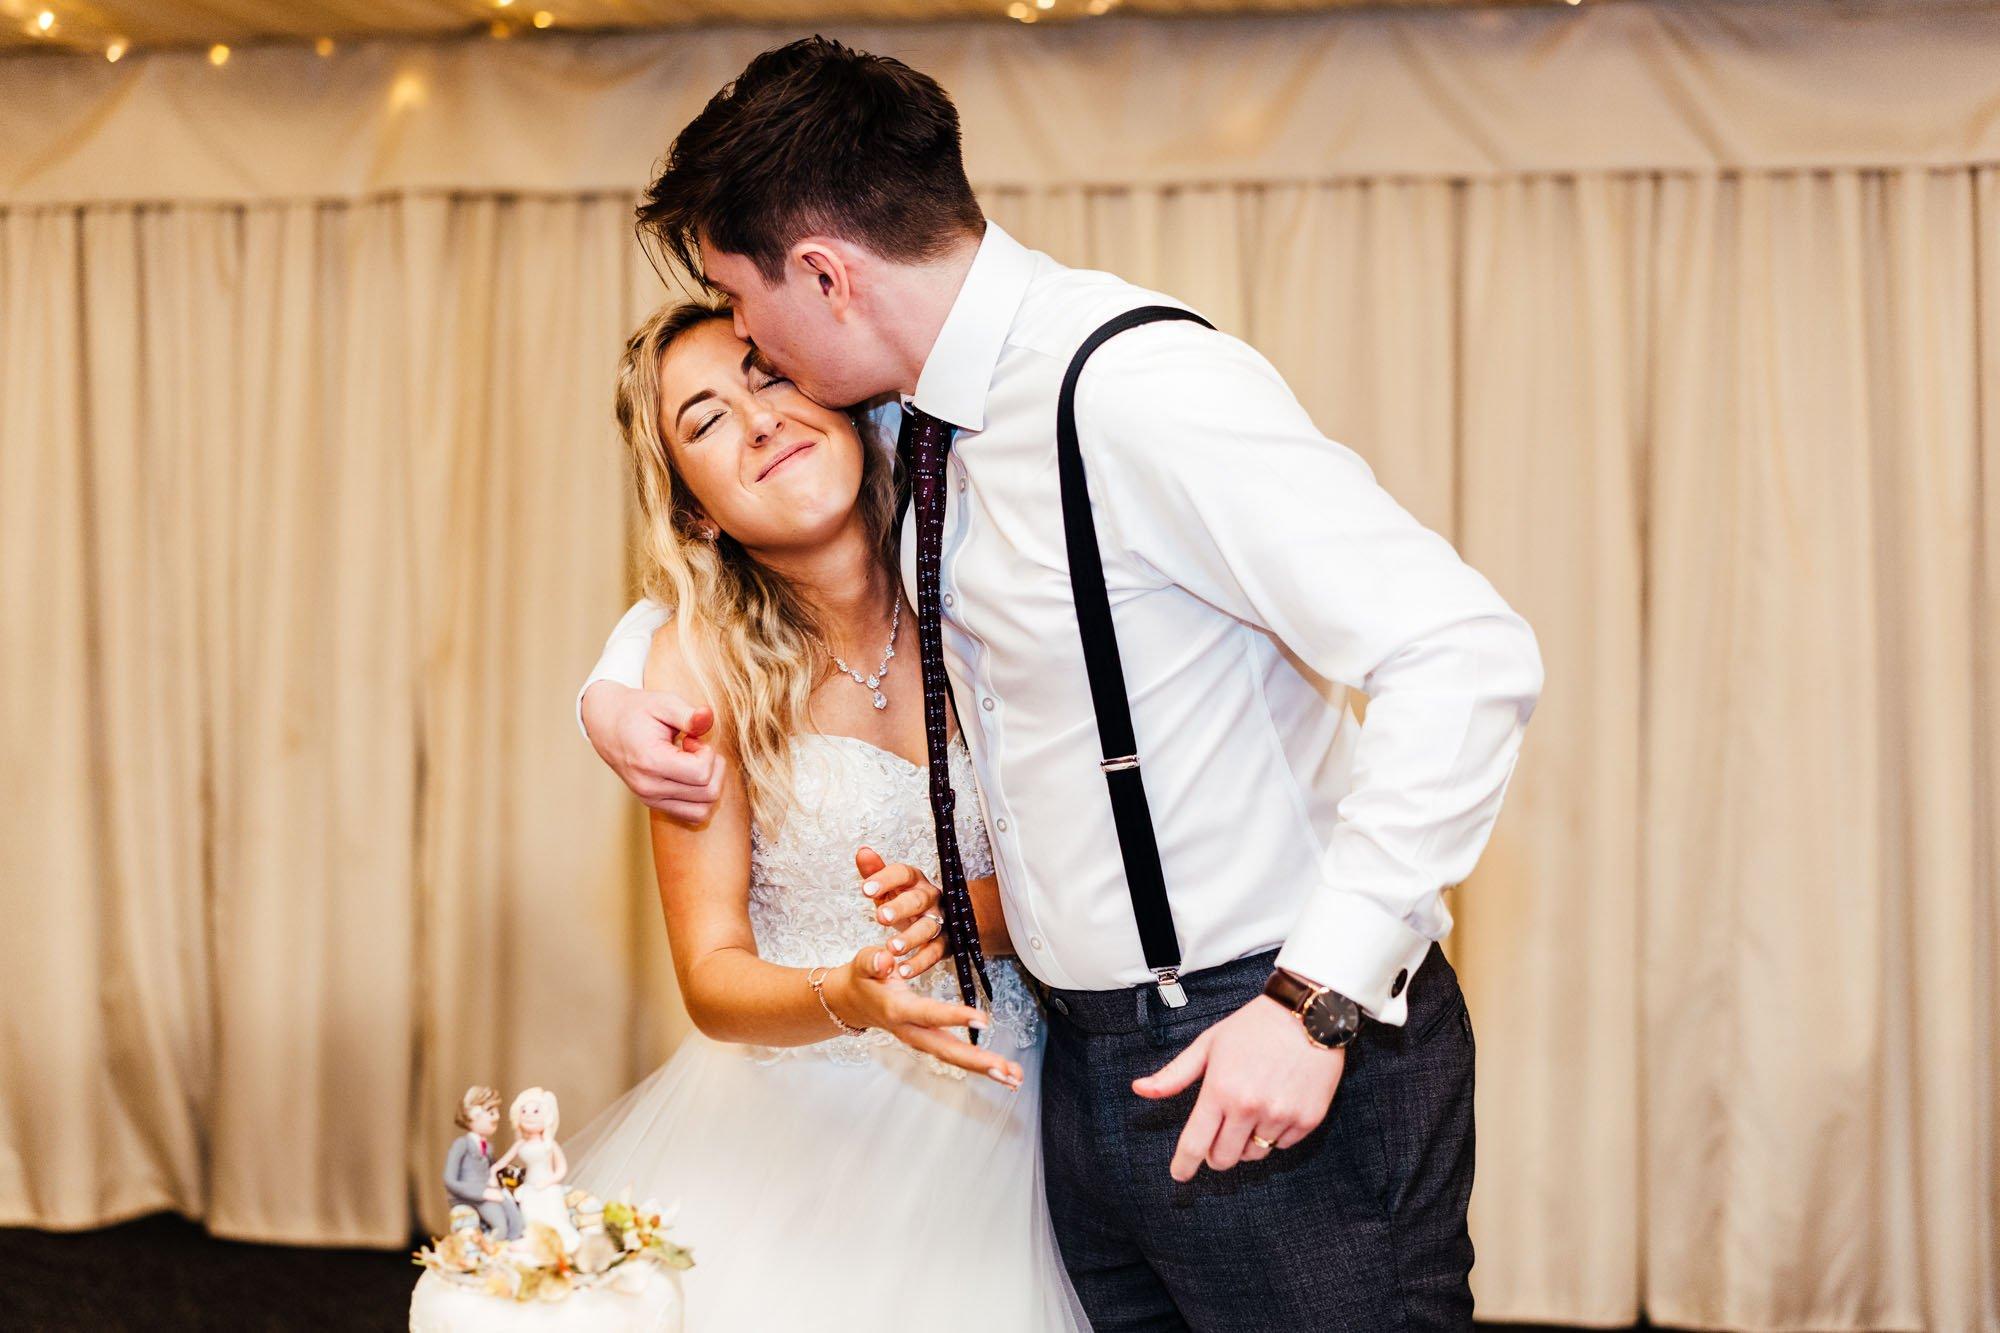 wedding-at-crockwell-farm-59